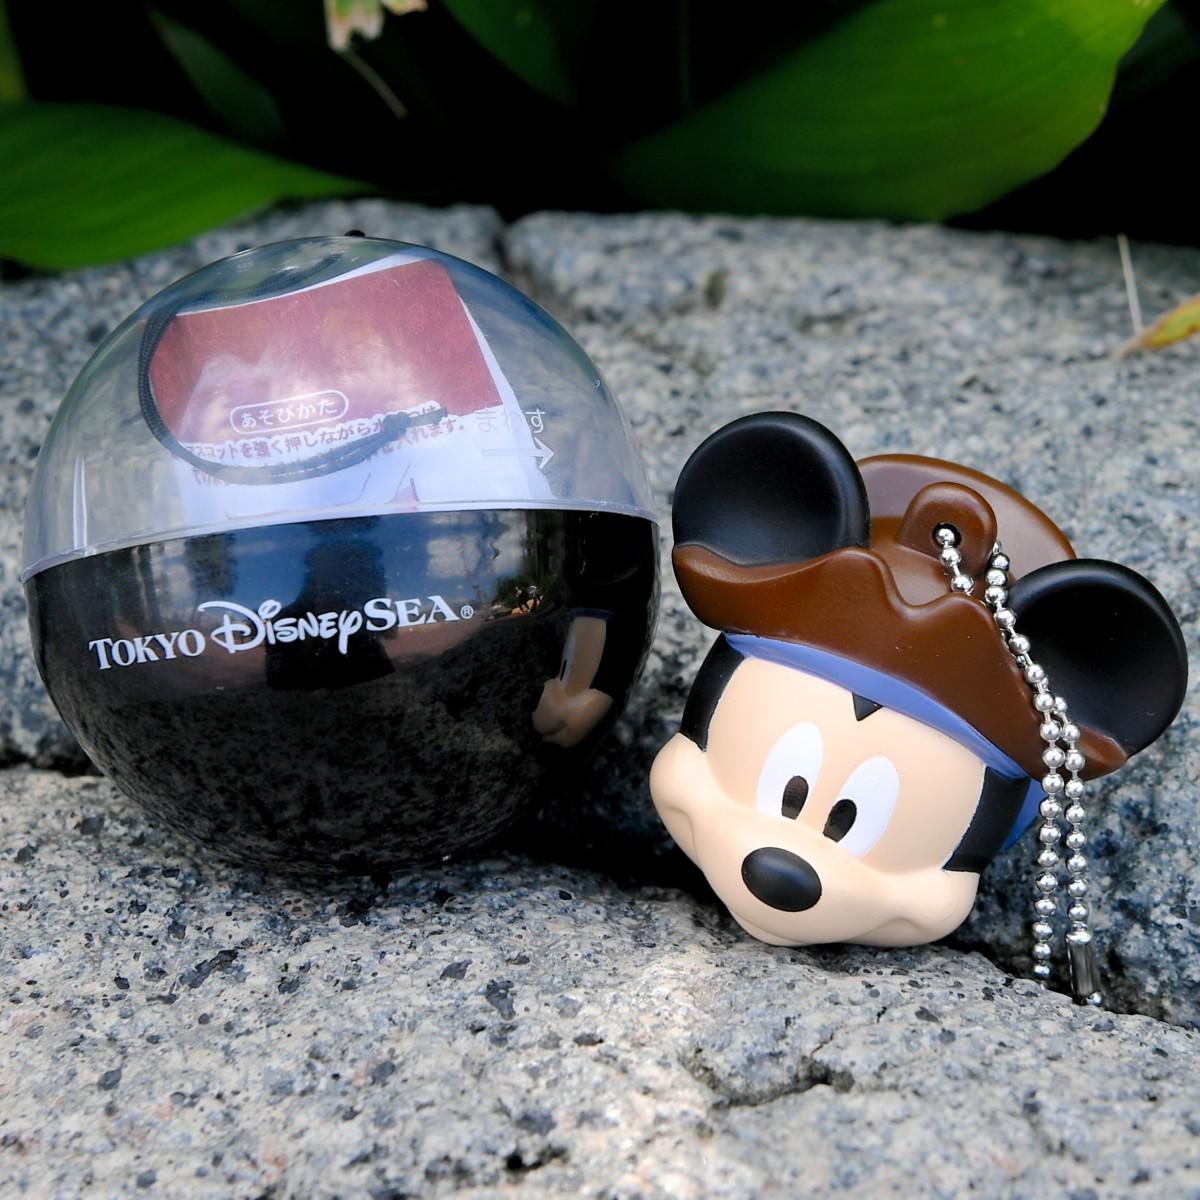 カプセルトイ パイレーツミッキーマウス